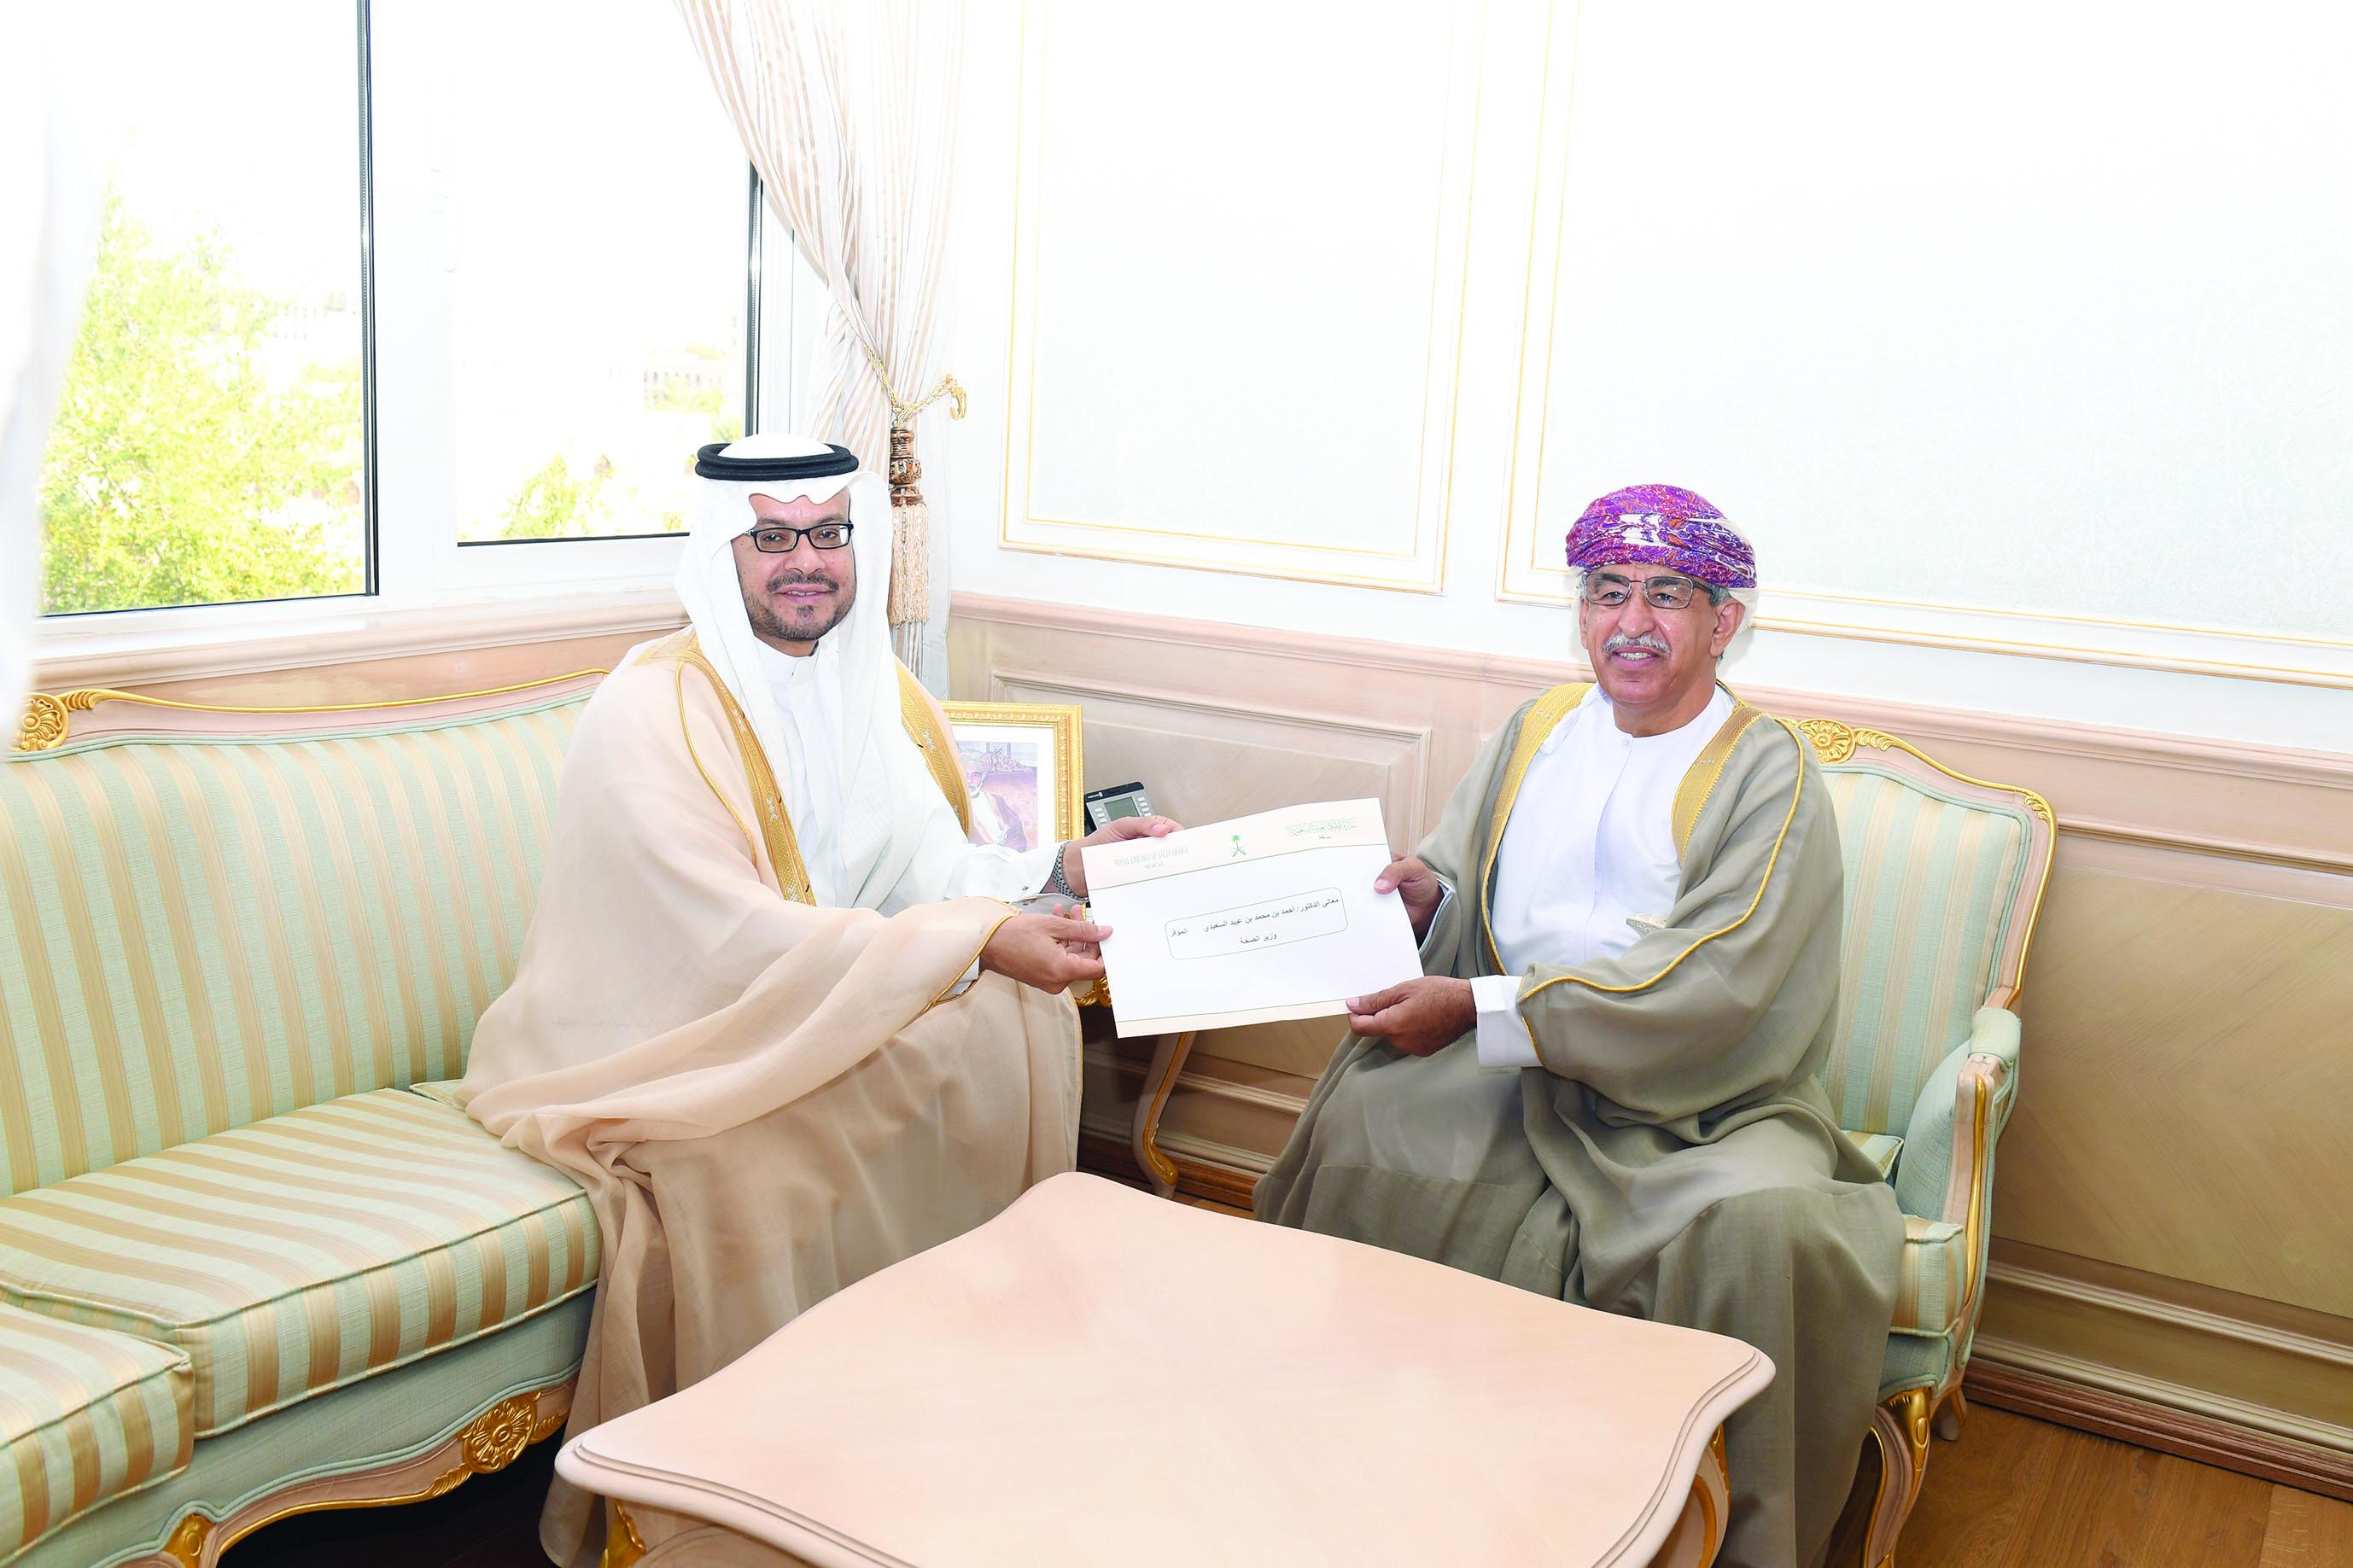 دعوة وزير الصحة لحضور القمة الوزارية لسـلامة المرضى بجدة